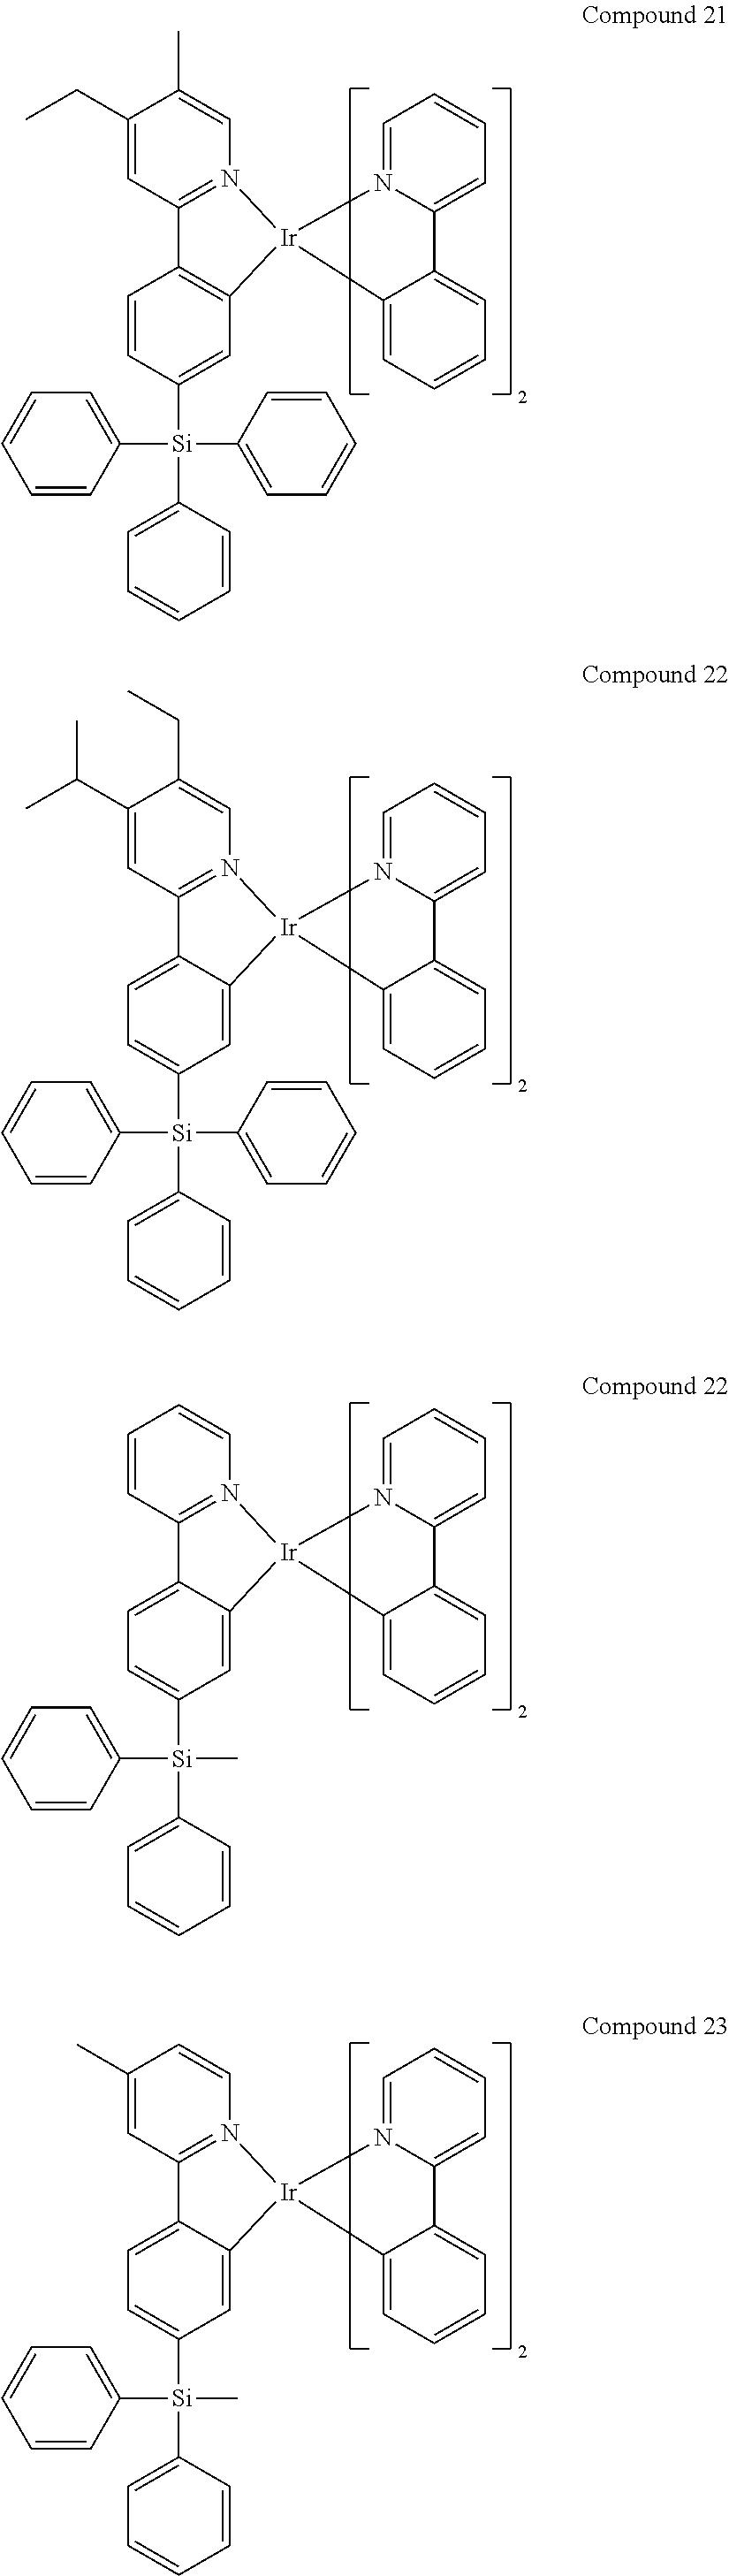 Figure US09725476-20170808-C00021